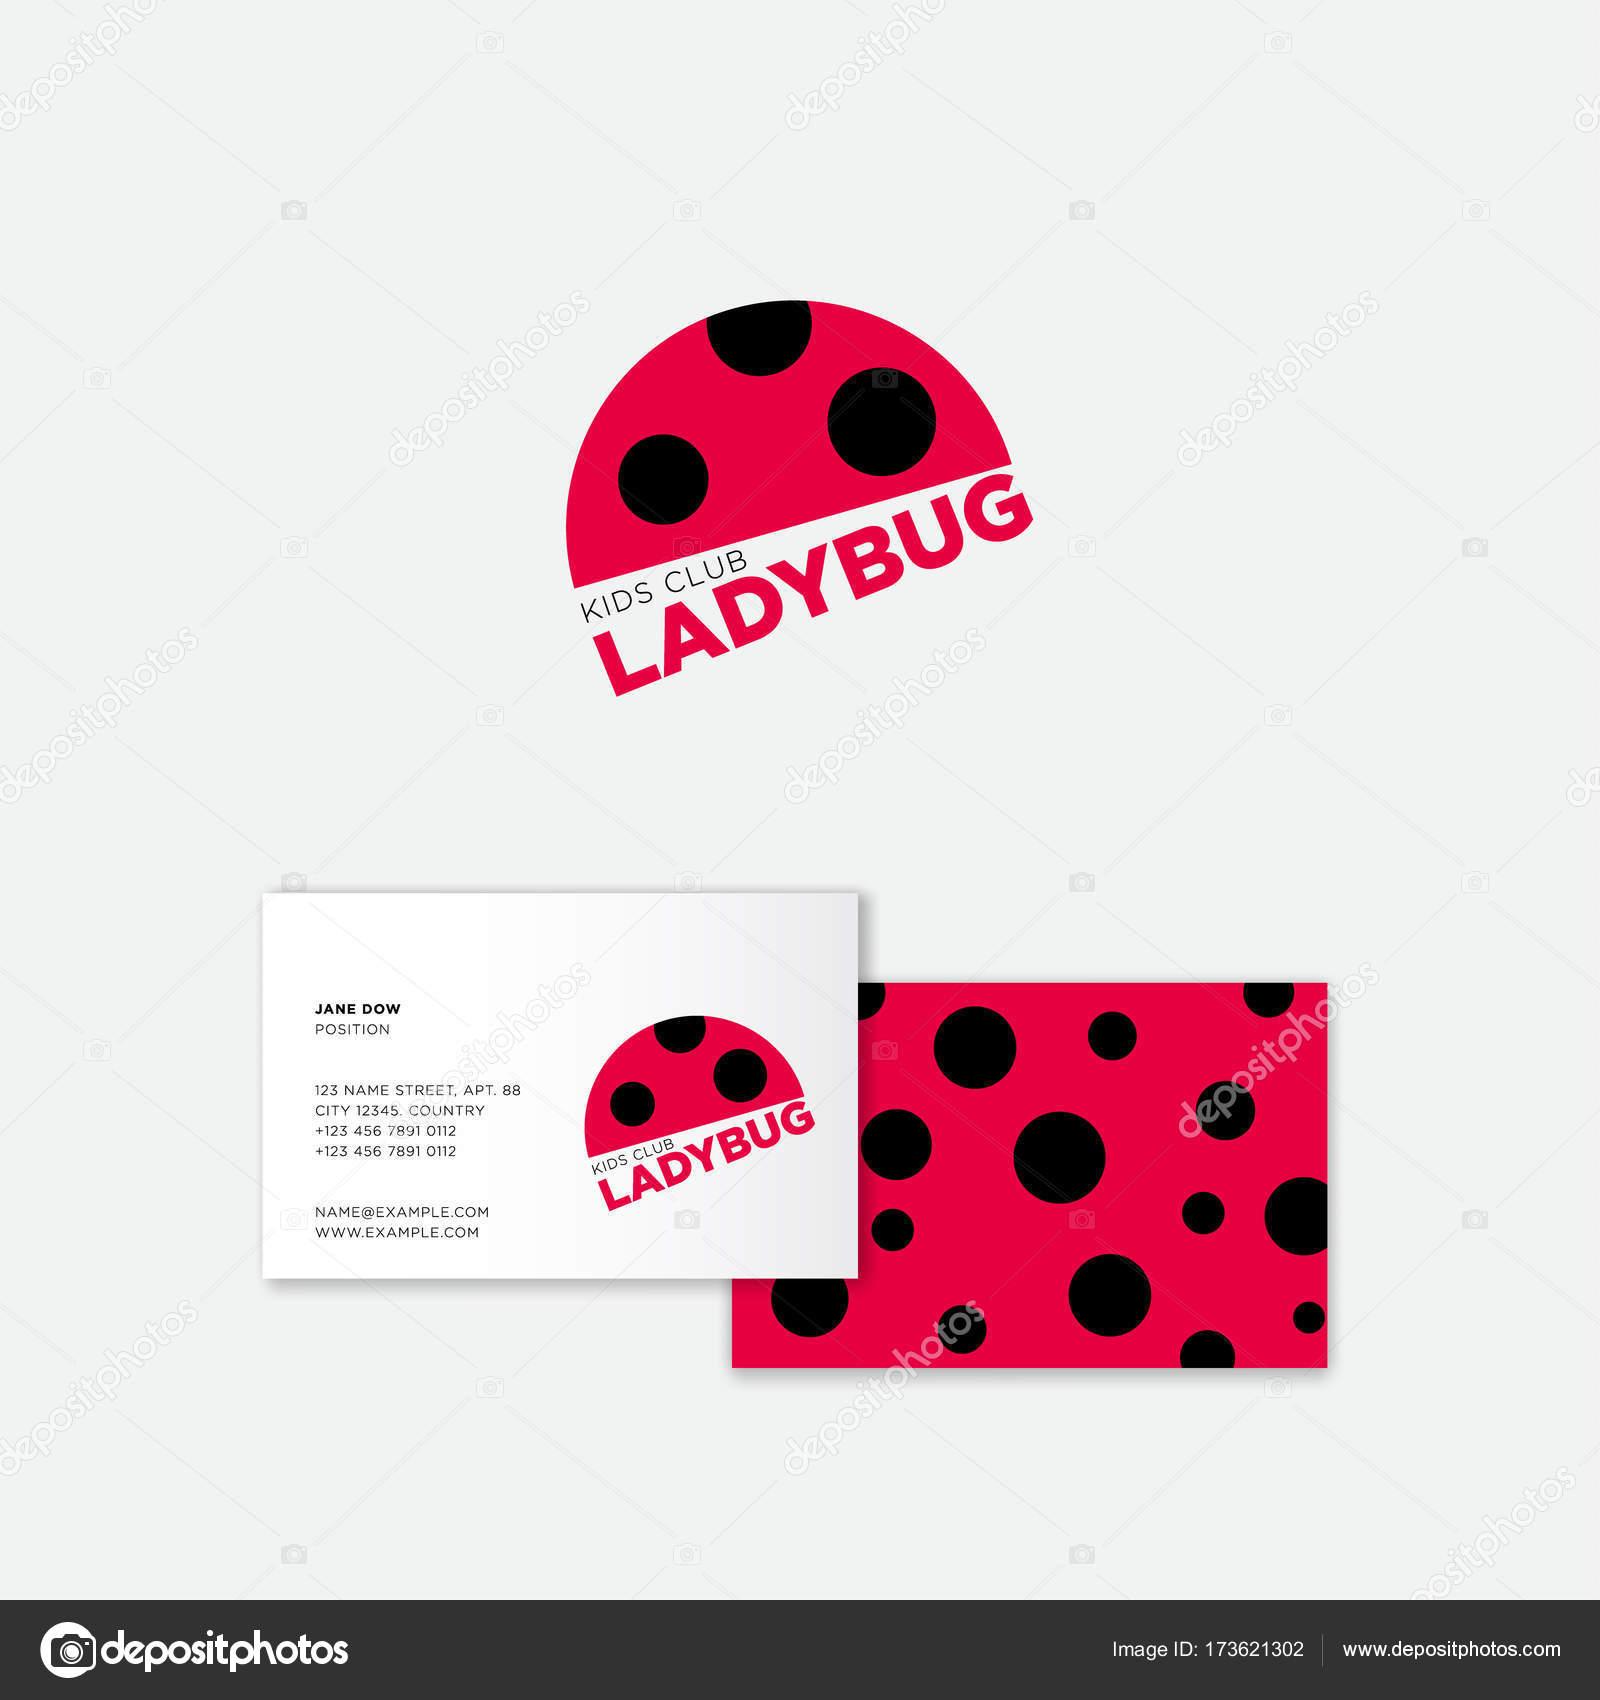 Ladybug logo. Kids Club logo. Flat icon of ladybug. — Stock Vector ...